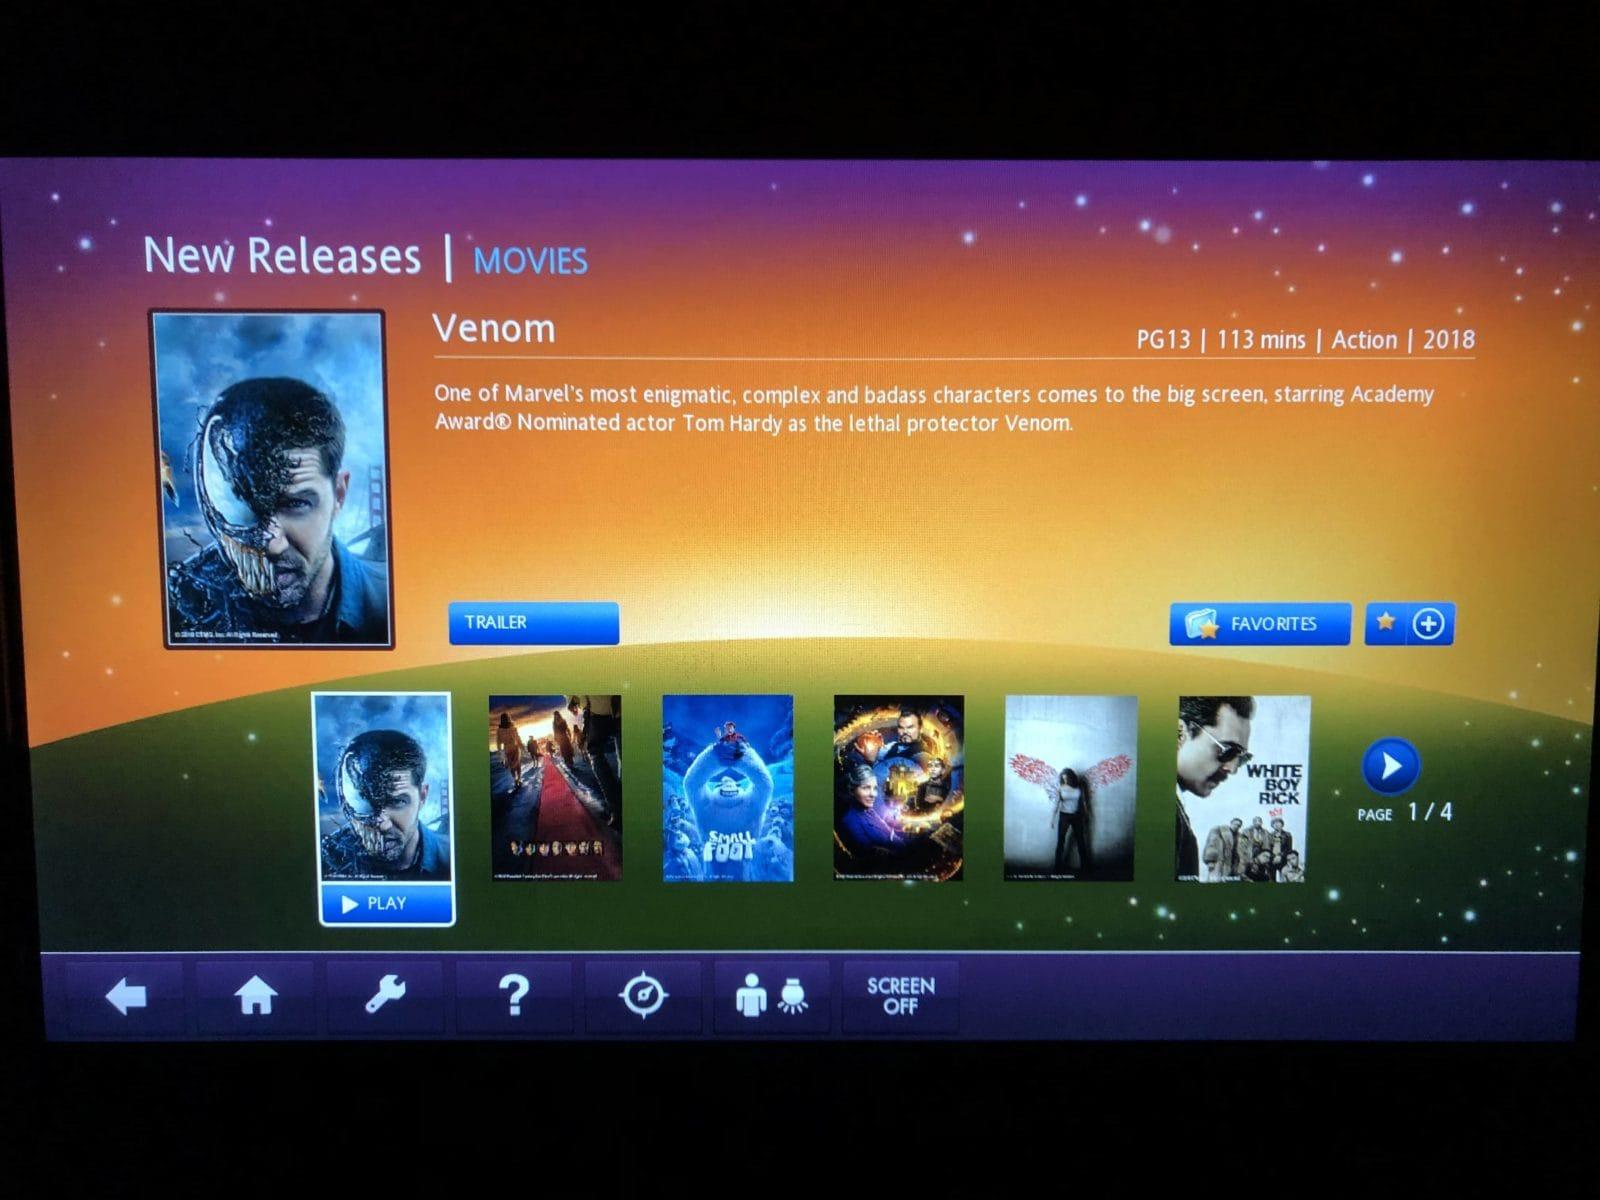 EVA Air Business Class A330-300 Neue Filme Seite 1